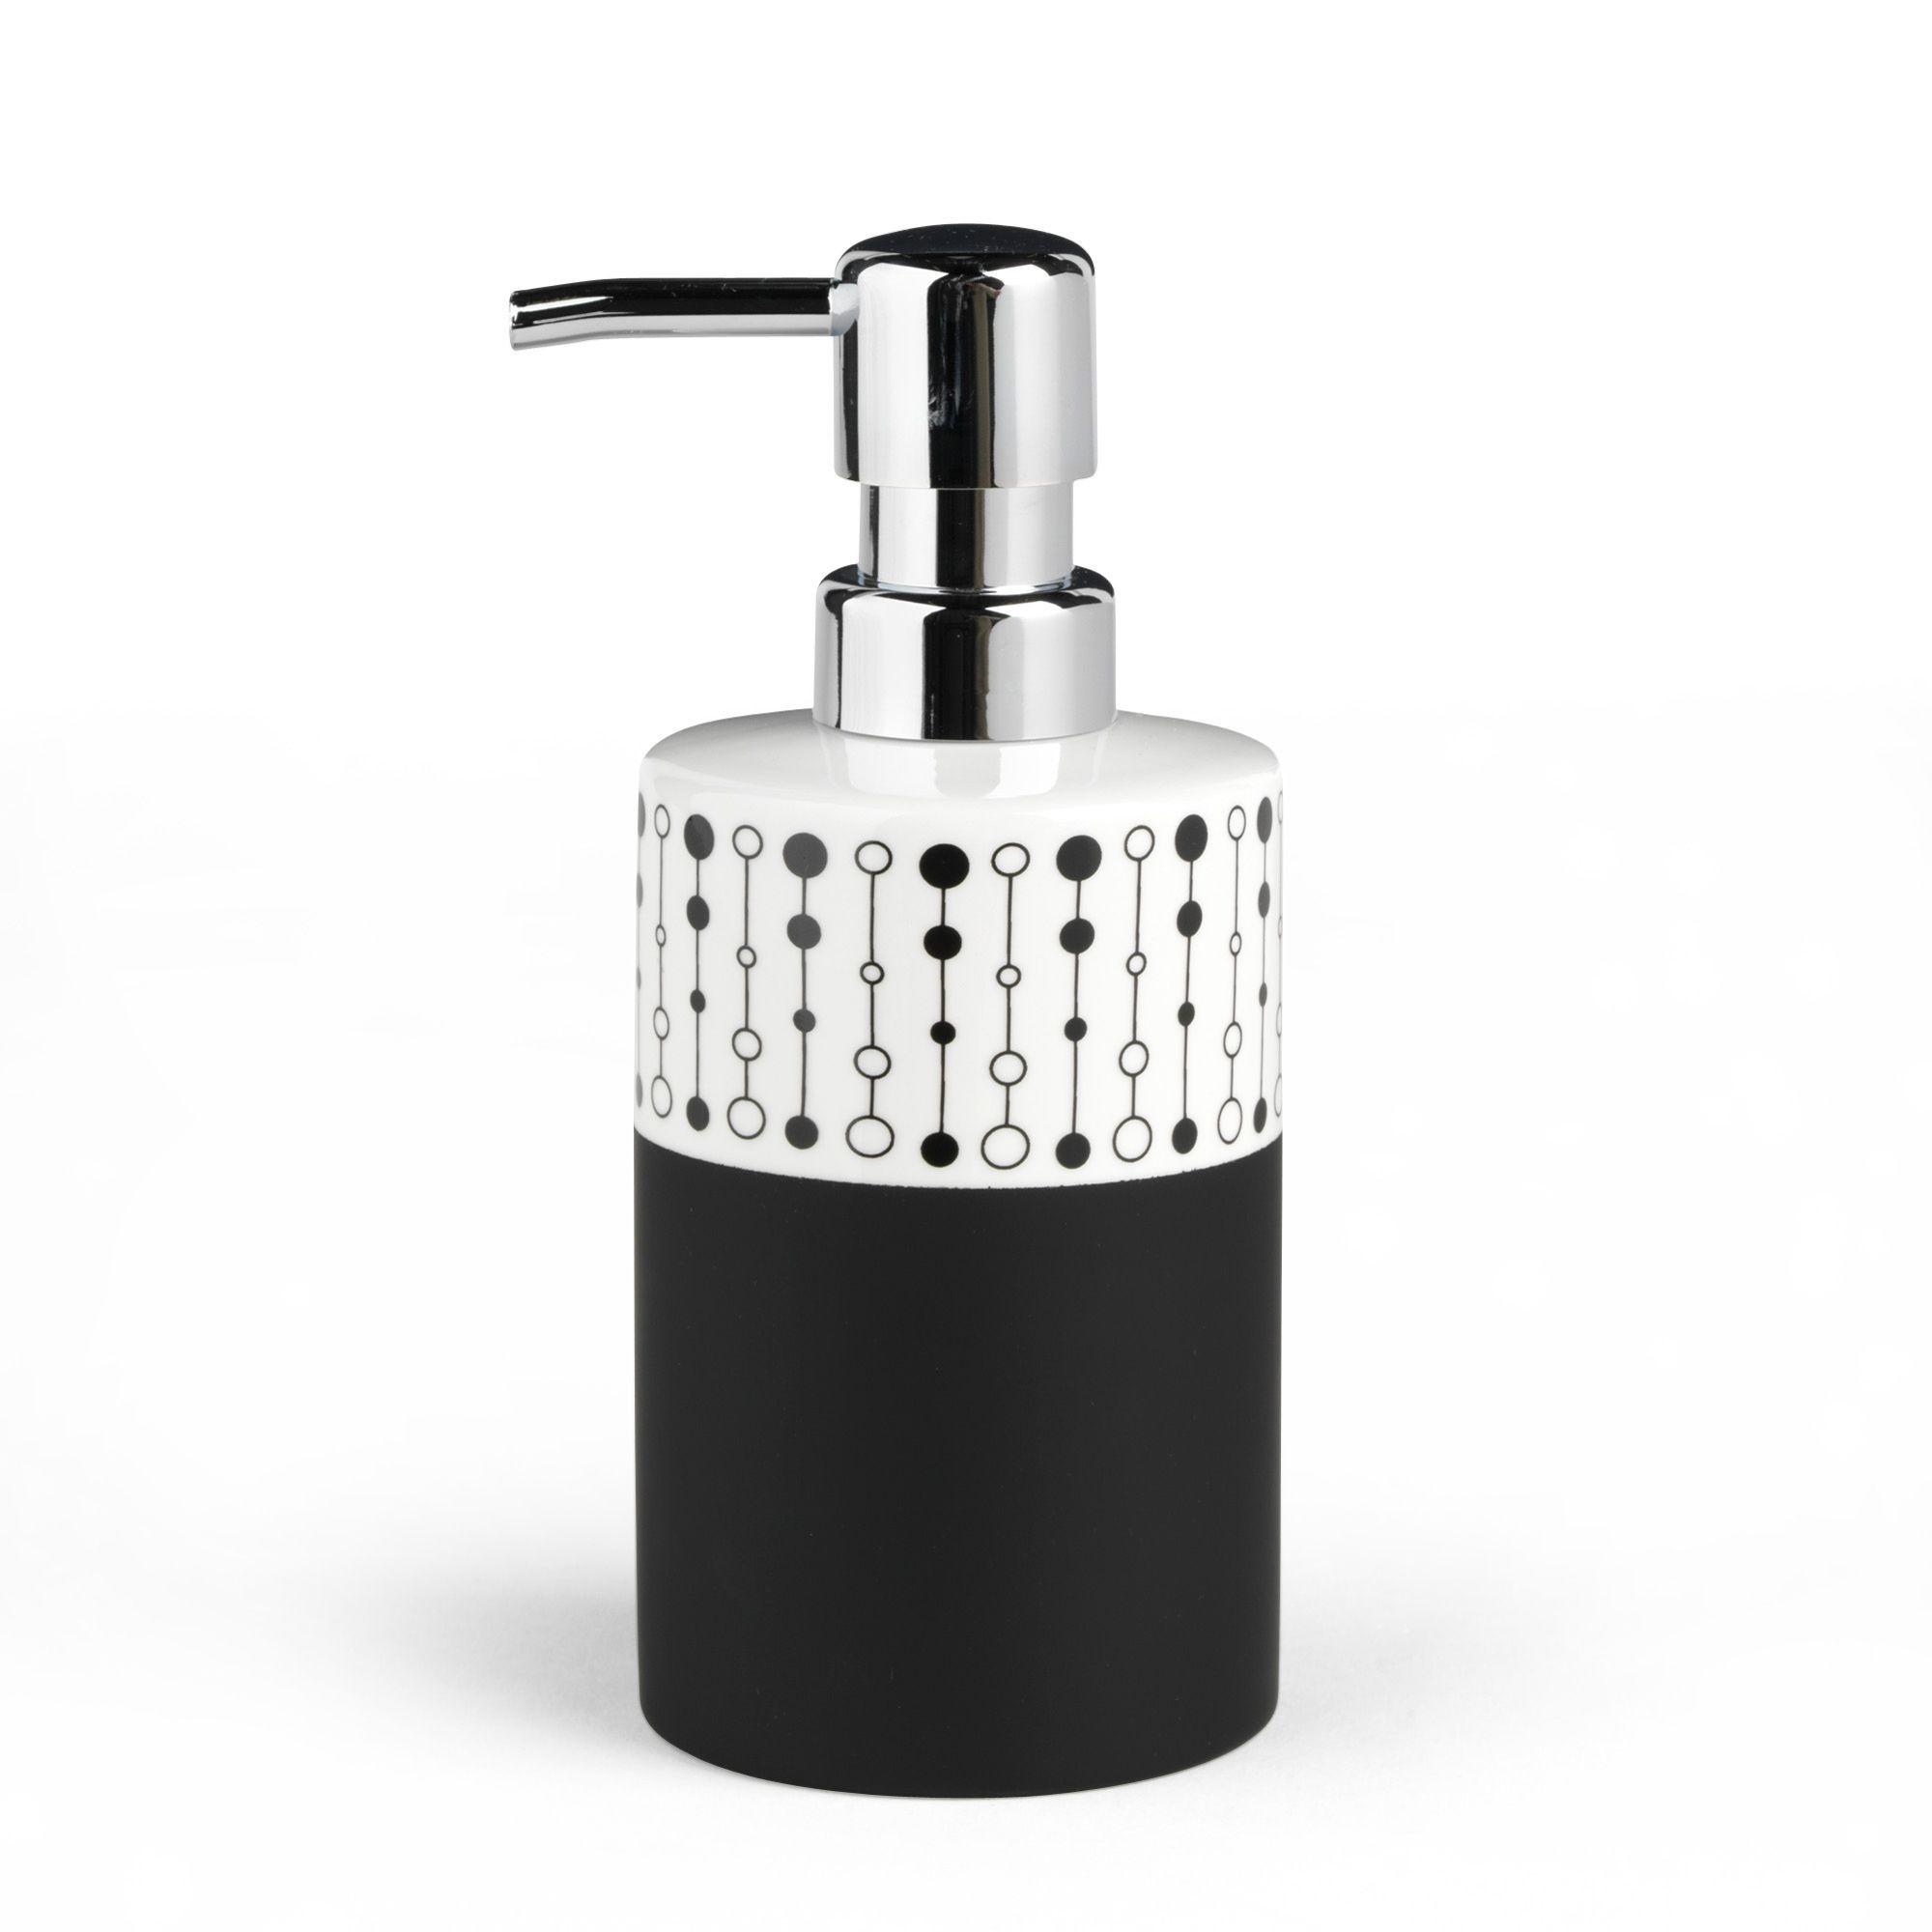 distributeur de savon noir et blanc perle accessoires de salle de bains alinea - Alinea Salle De Bain Accessoires